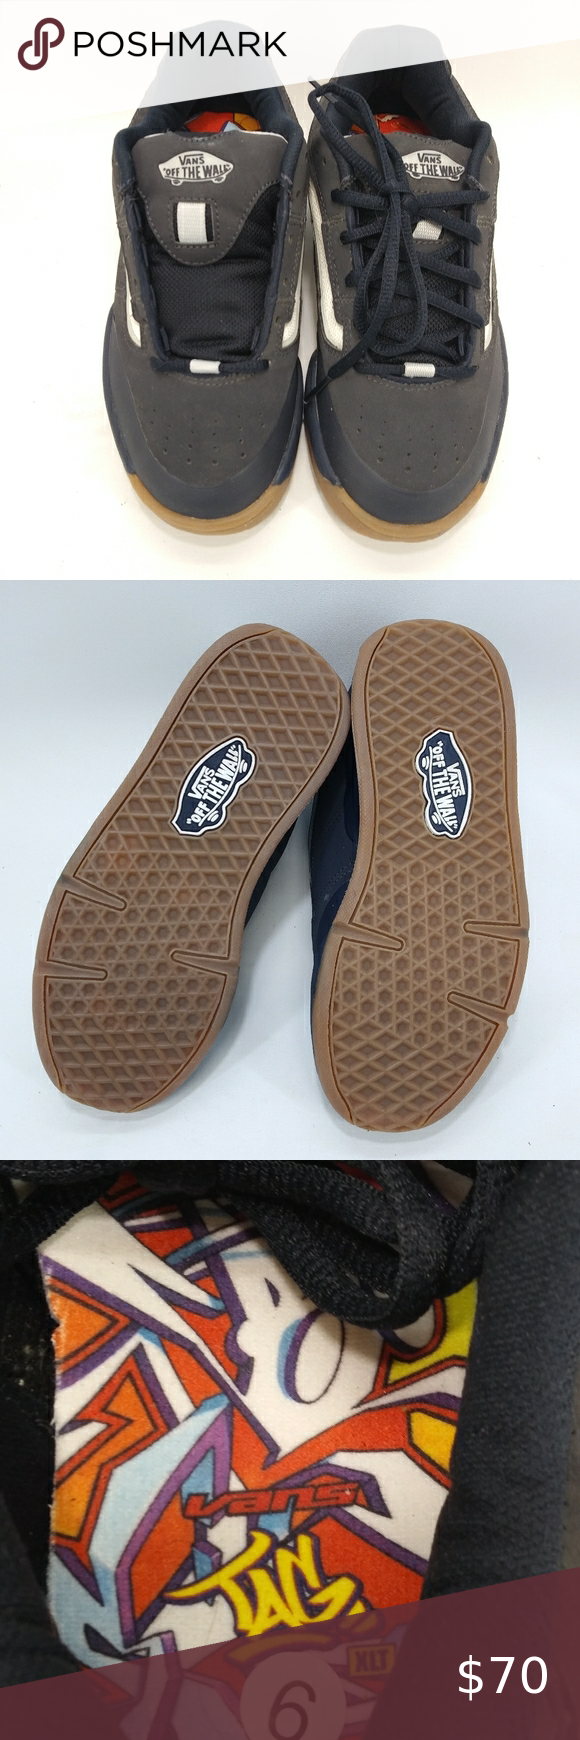 Vans Tag Xlt Vtg Rare Skate Board Shoe Size 6 Nwob In 2020 Vintage Vans Vans Shoes